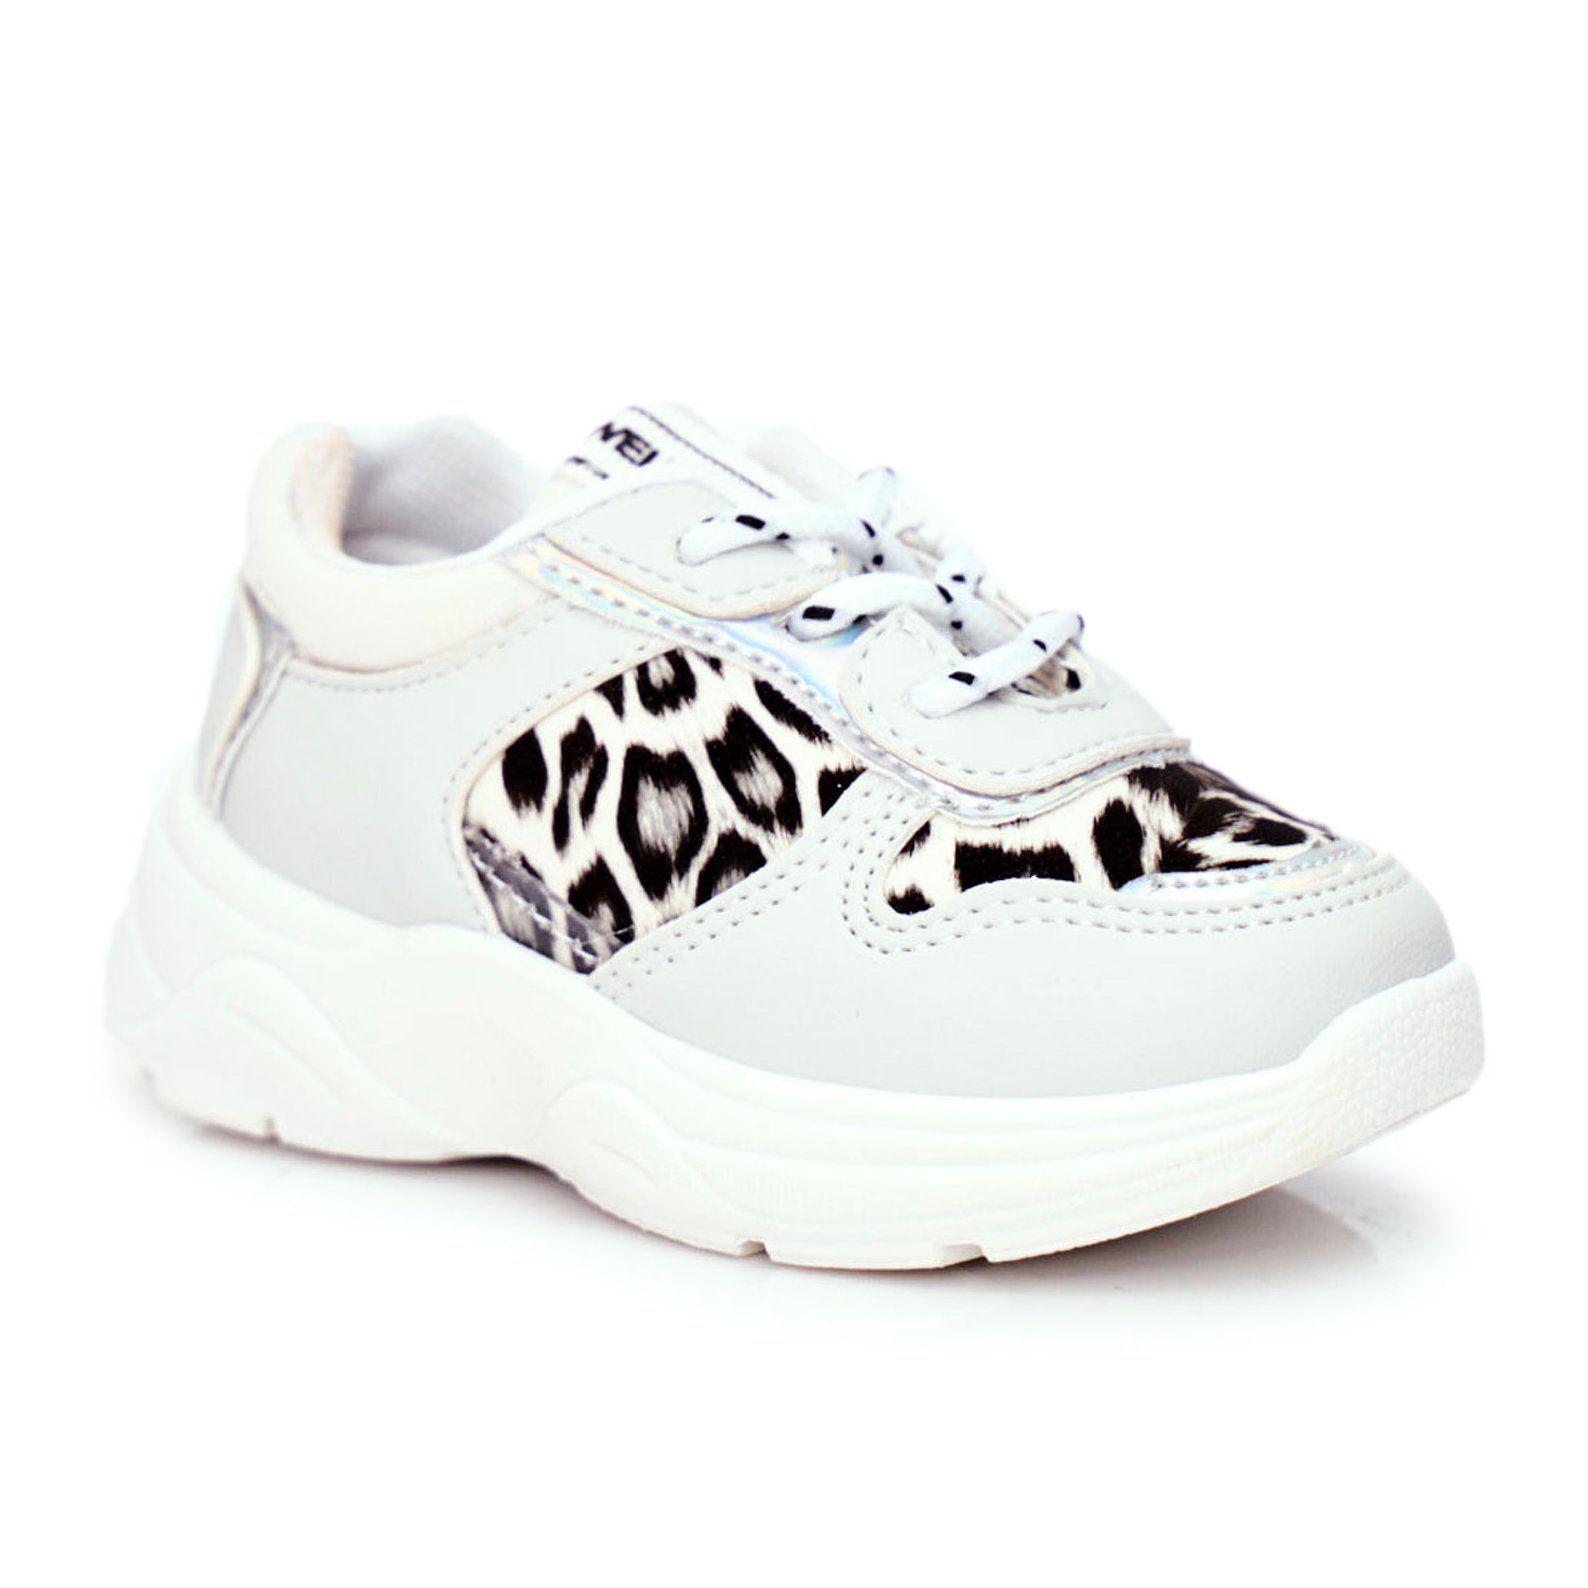 Frrock Obuwie Sportowe Dzieciece W Panterke Czarne Penny Biale Shoes Sneakers Fashion